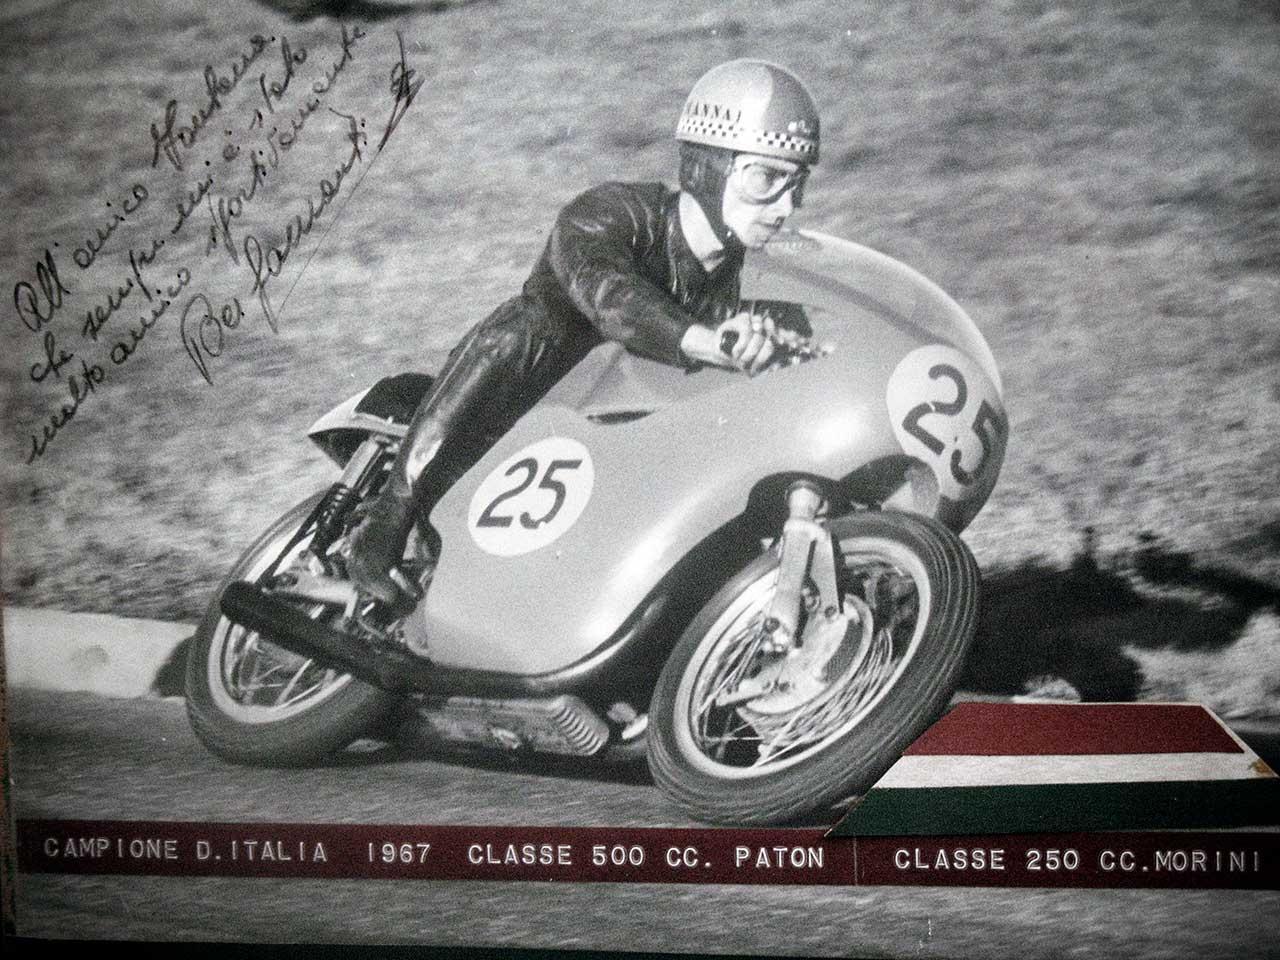 Paton_Storia-Anni60_Angelo-Bergamonti-Campione-Italiano-1967-classe-500cc